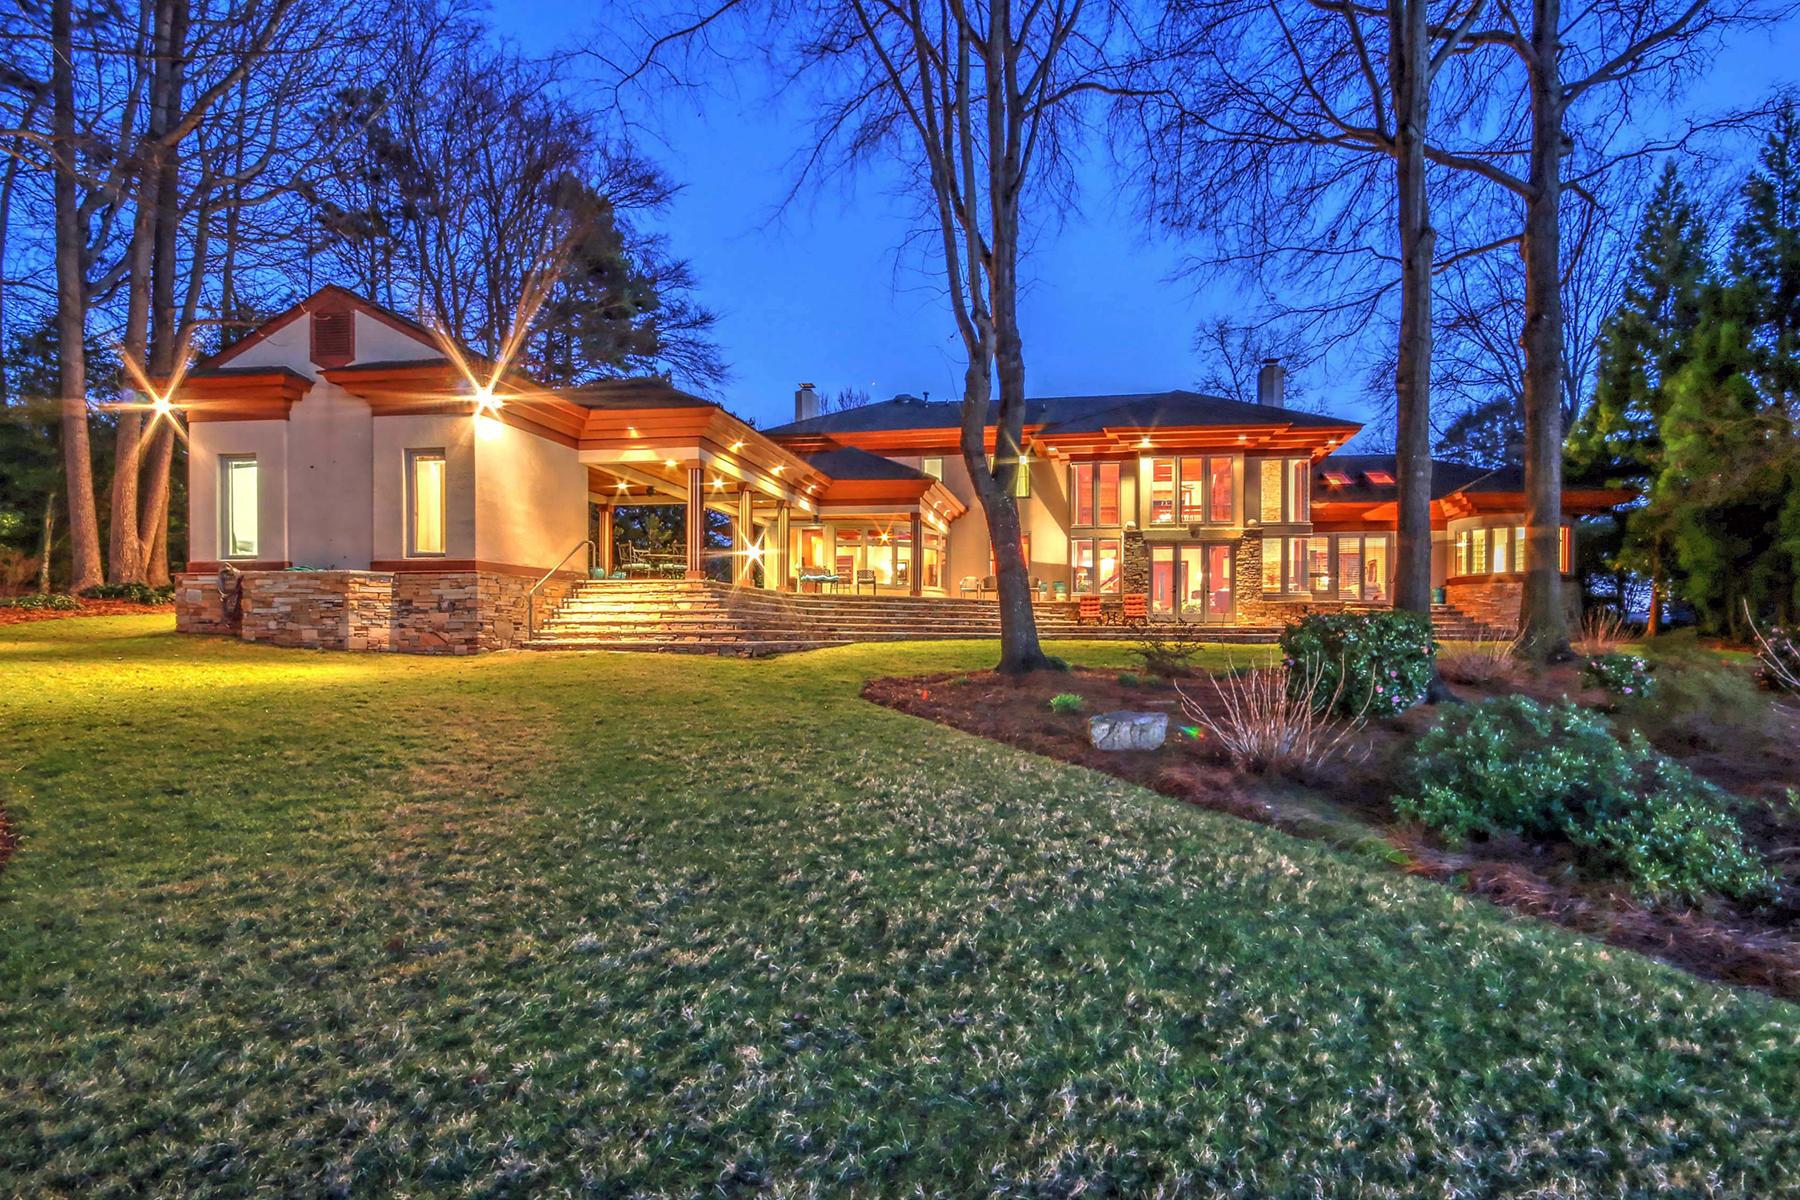 단독 가정 주택 용 매매 에 KNOX LANDING 22938 Torrence Chapel Rd Cornelius, 노스캐놀라이나, 28031 미국